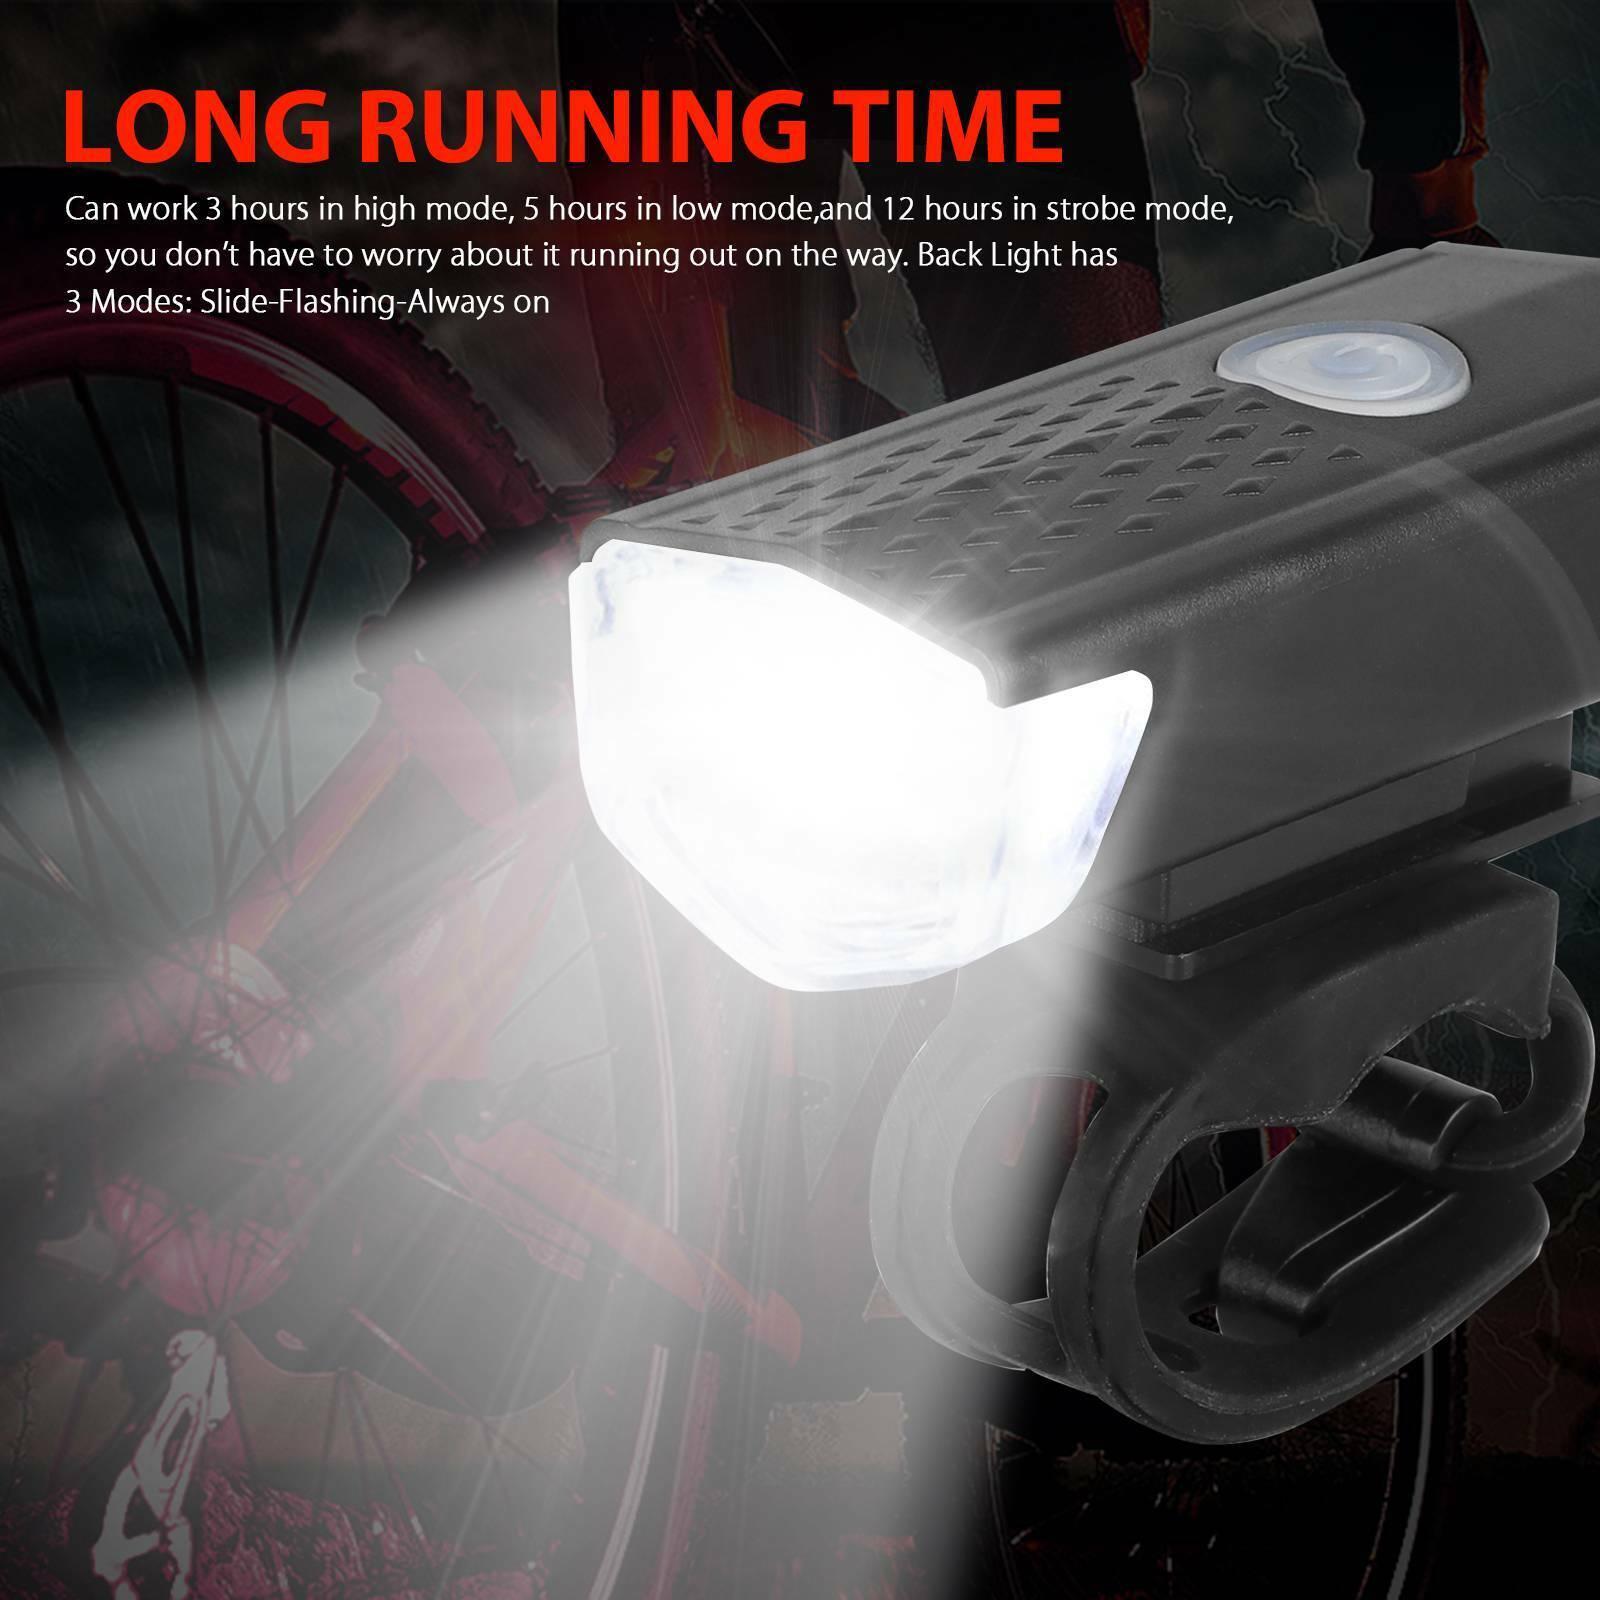 Lichterkennung Bremserkennung COB-LED lange Akkulaufzeit HEITIGN Fahrradanzeigelampen ultraleichte Smart Bike R/ücklicht Wiederaufladbare R/ücklichter Fahrrad wasserdichte Anzeigelampe